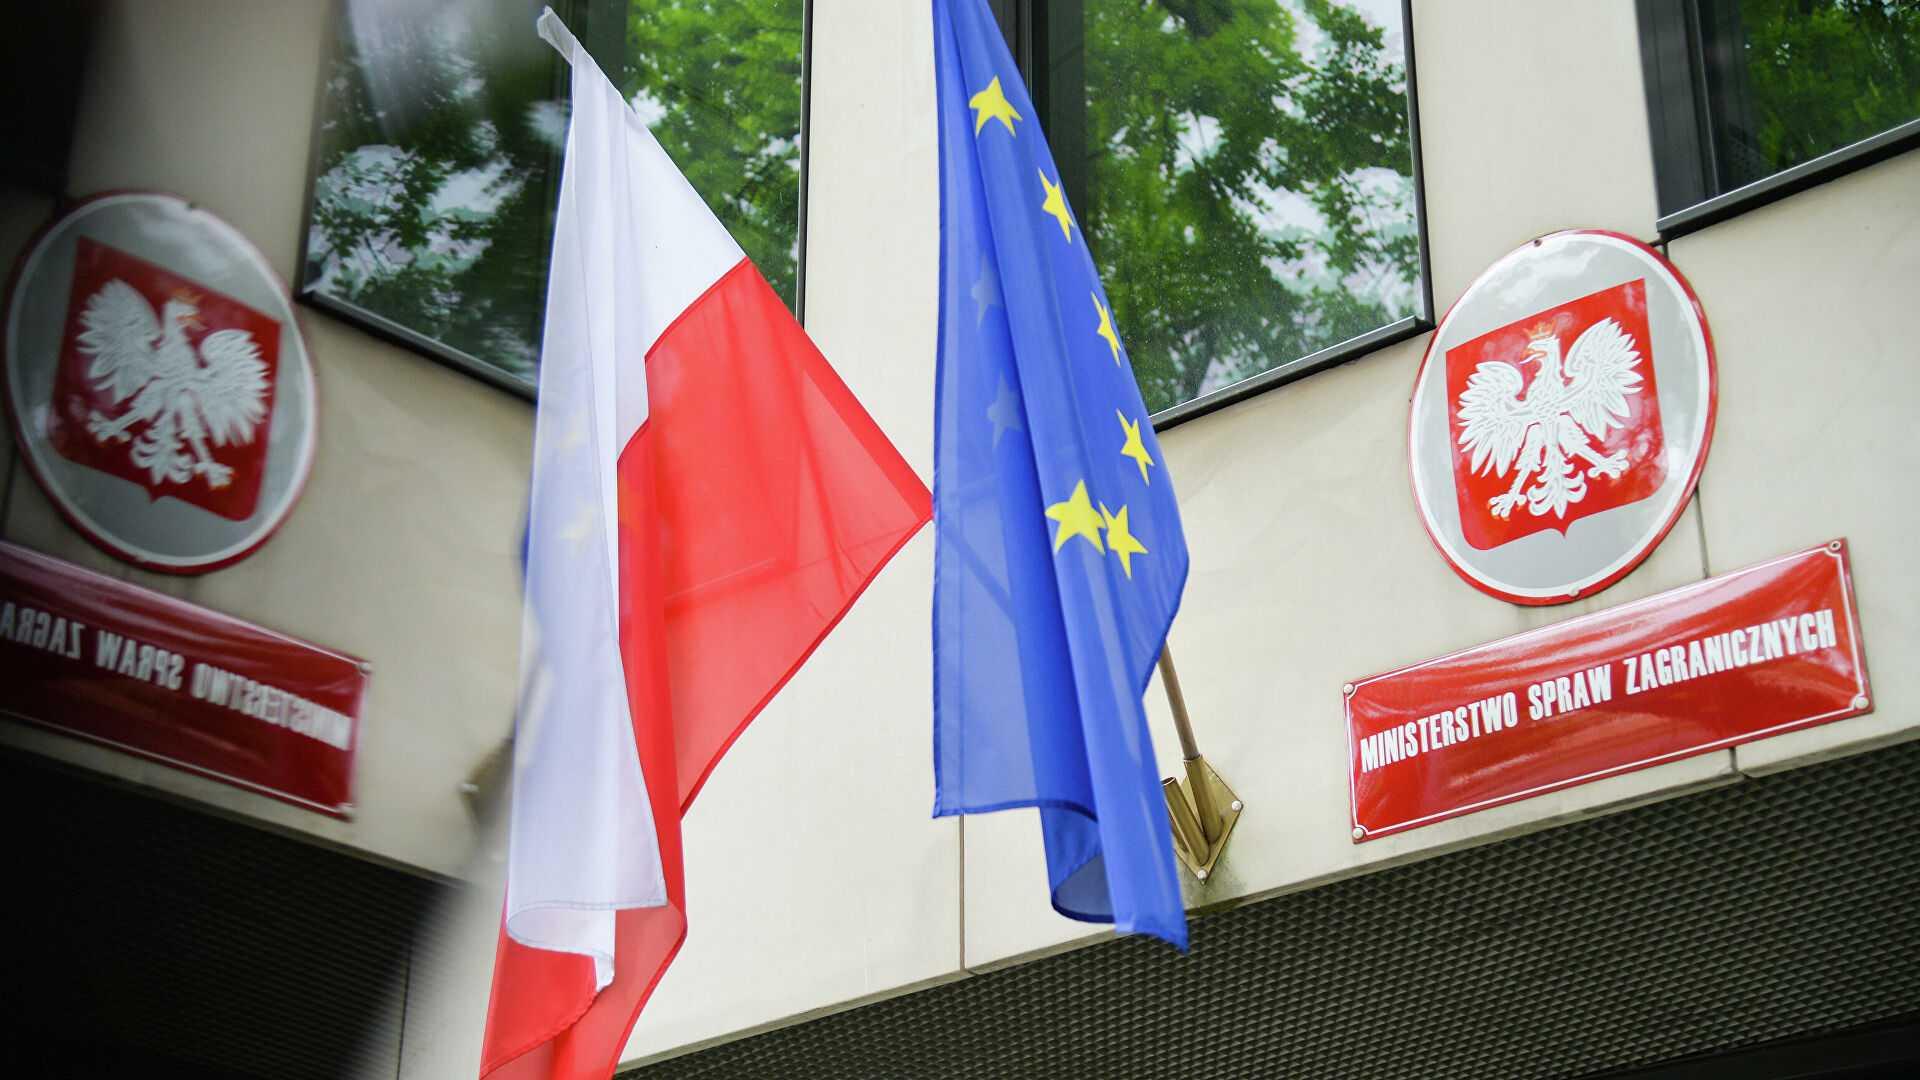 Поляки осудили действия Евросоюза по борьбе с российским газом